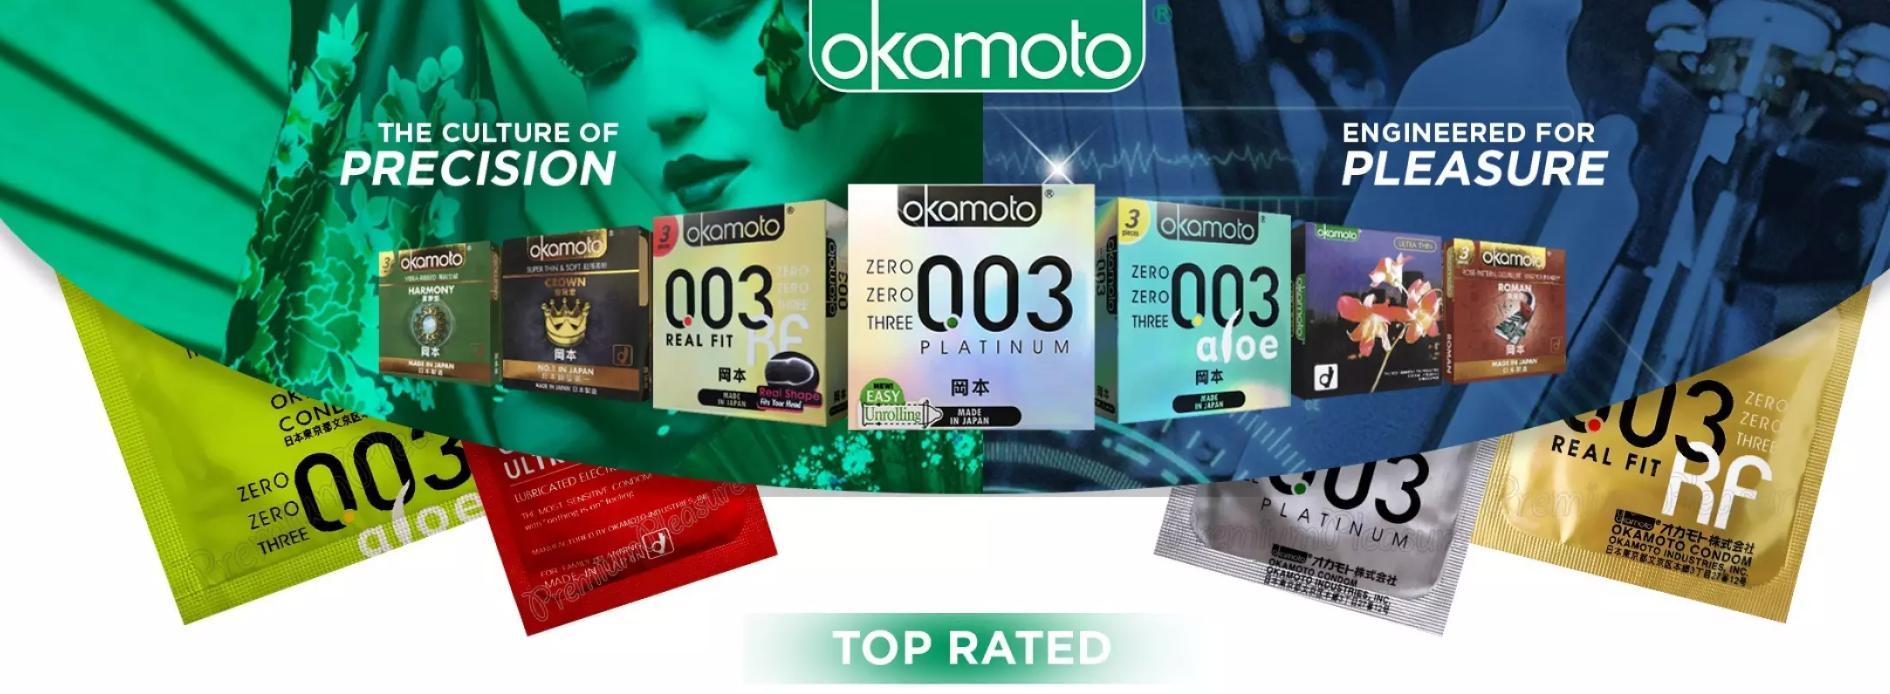 Okamoto - thương hiệu bao cao su bán chạy số 1 Nhật Bản